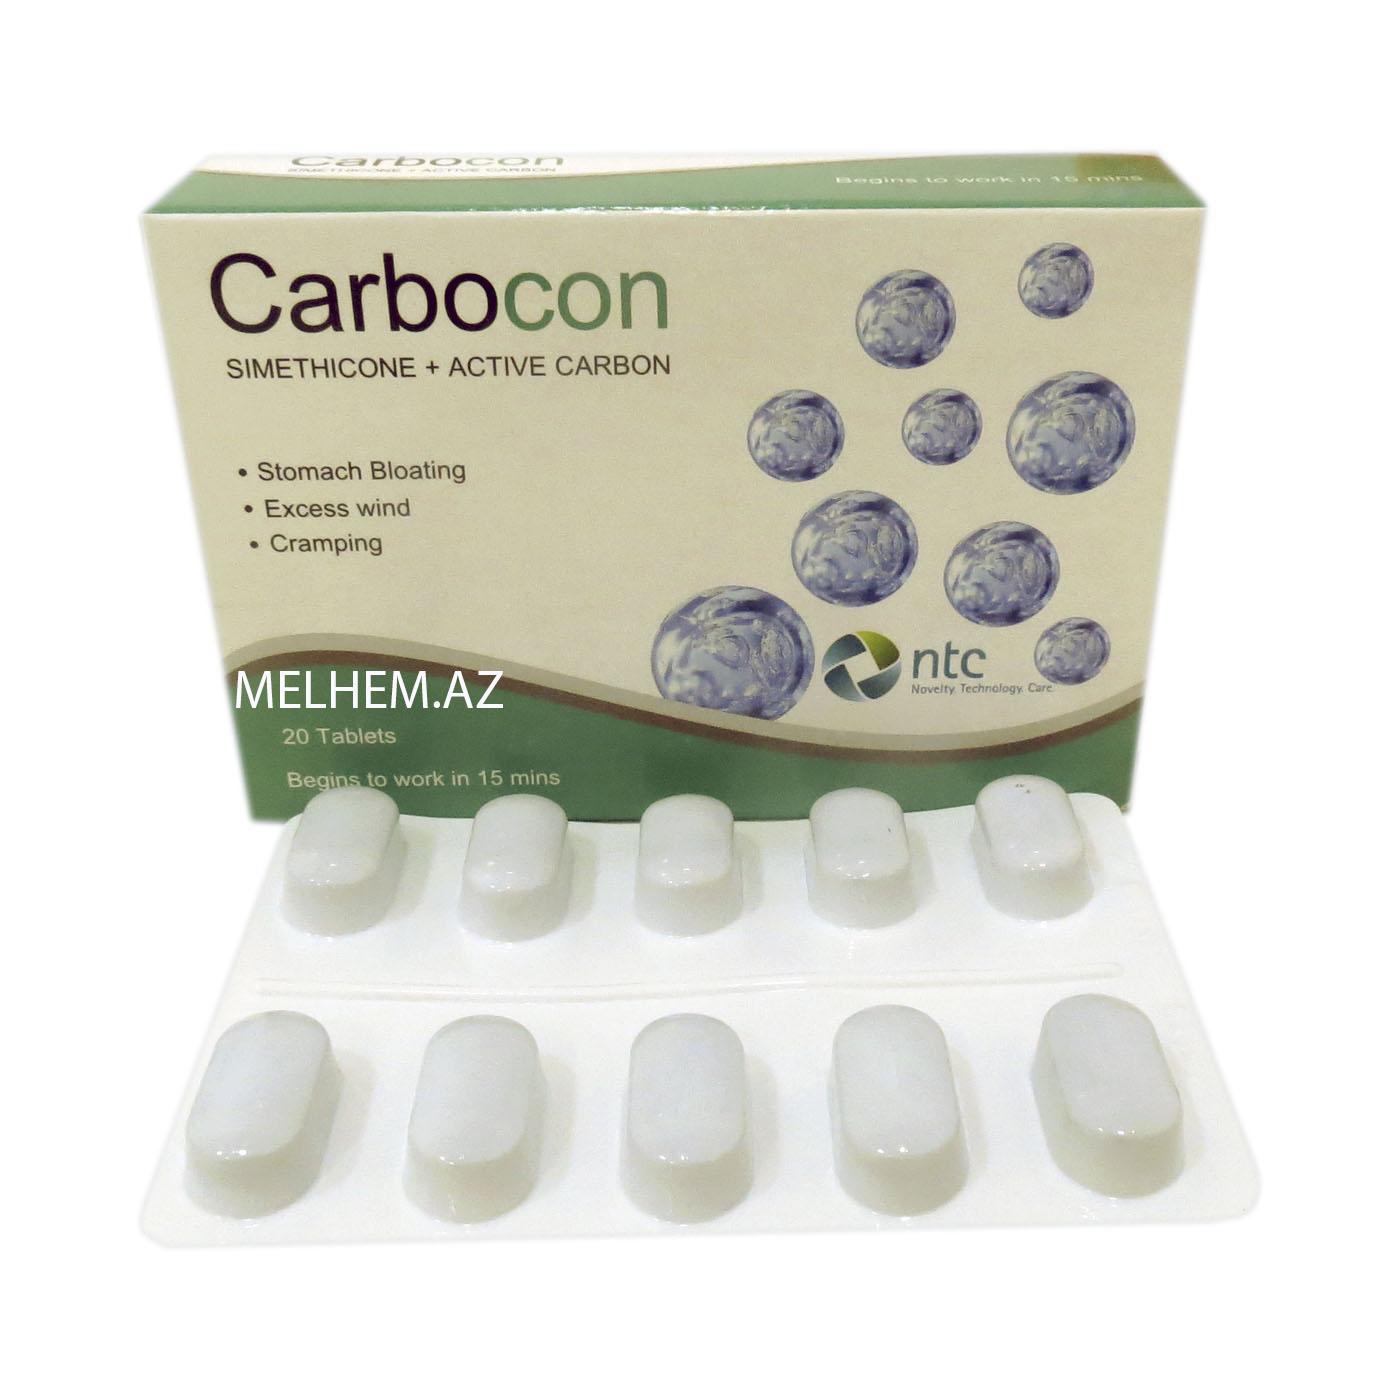 CARBOCON